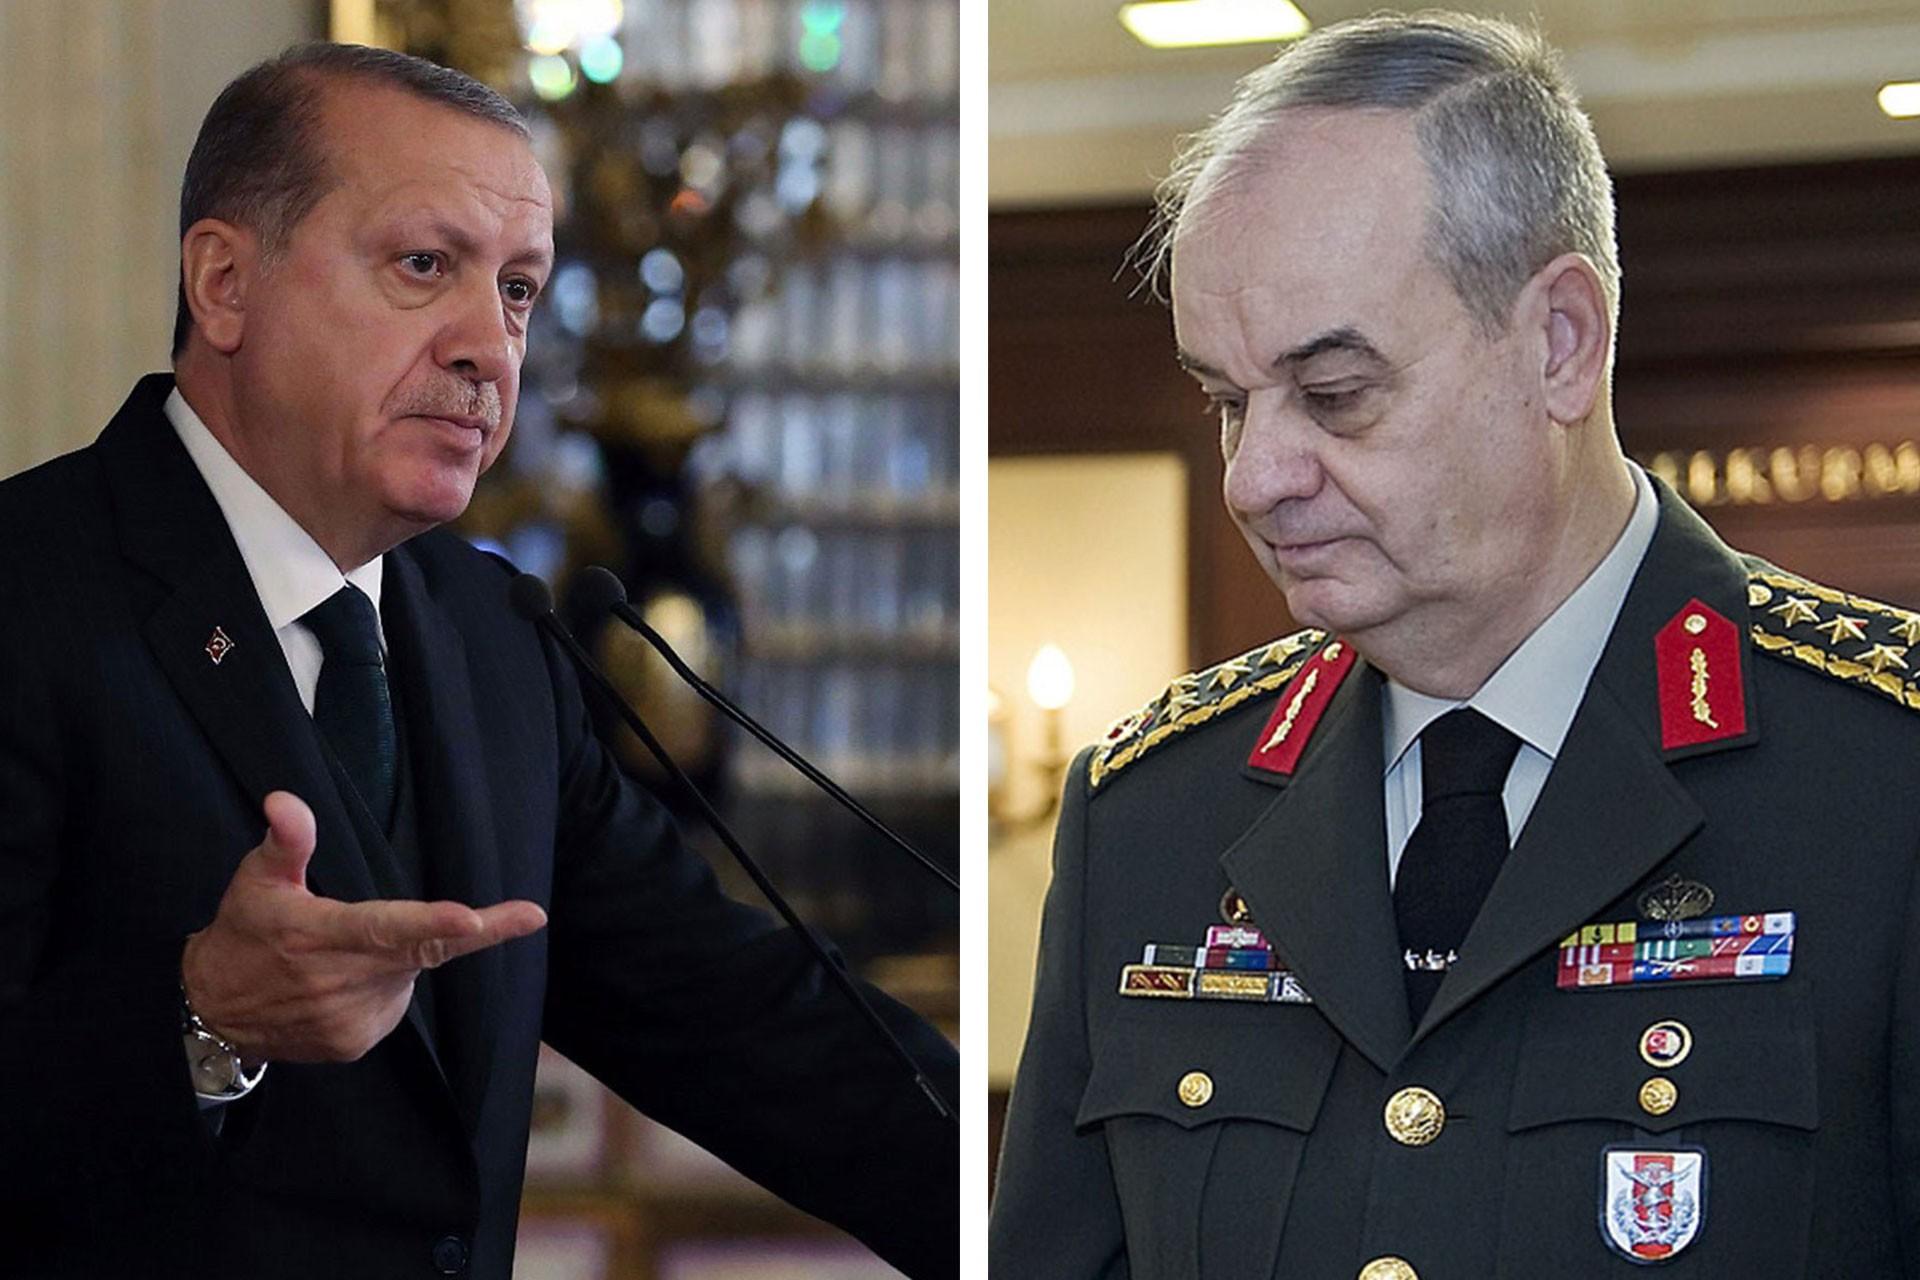 Cumhurbaşkanı Erdoğan, Başbuğ'un yargılanmasına izin vermedi, AYM kararı düşürdü